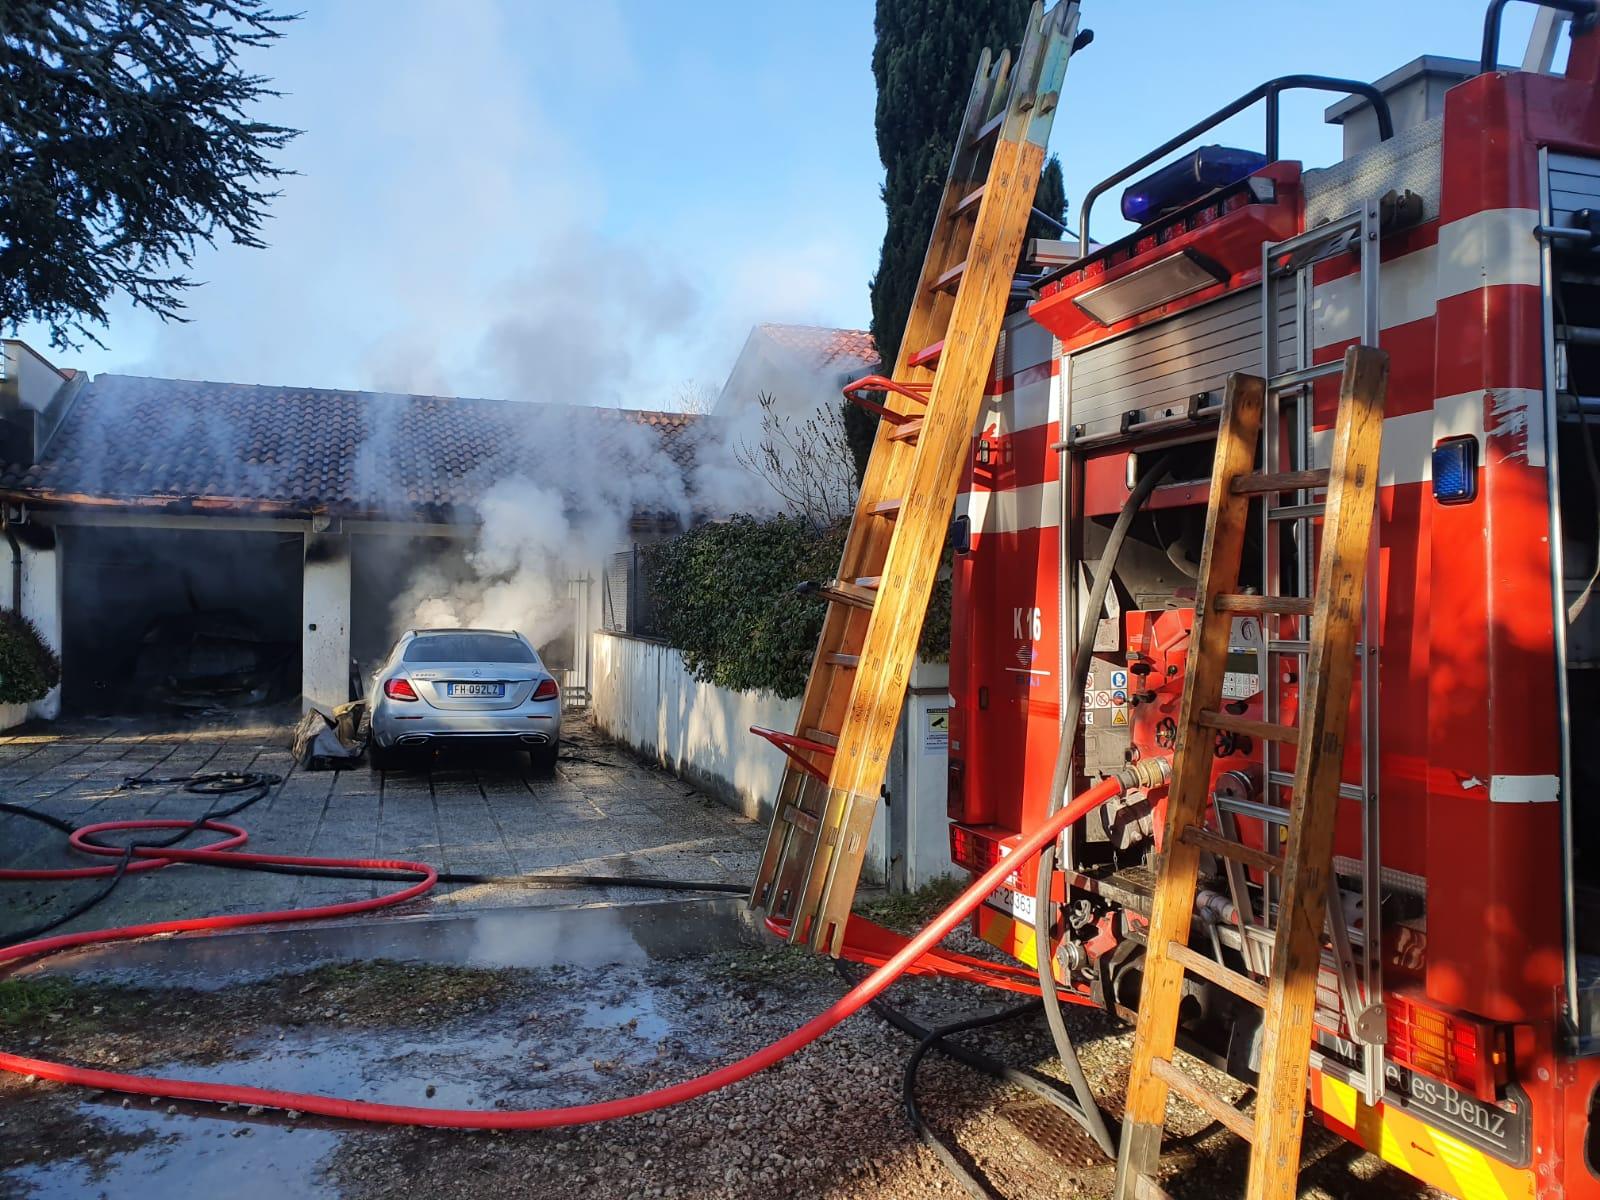 Incendio in garage a Santa Giustina, distrutte due auto. IL VIDEO